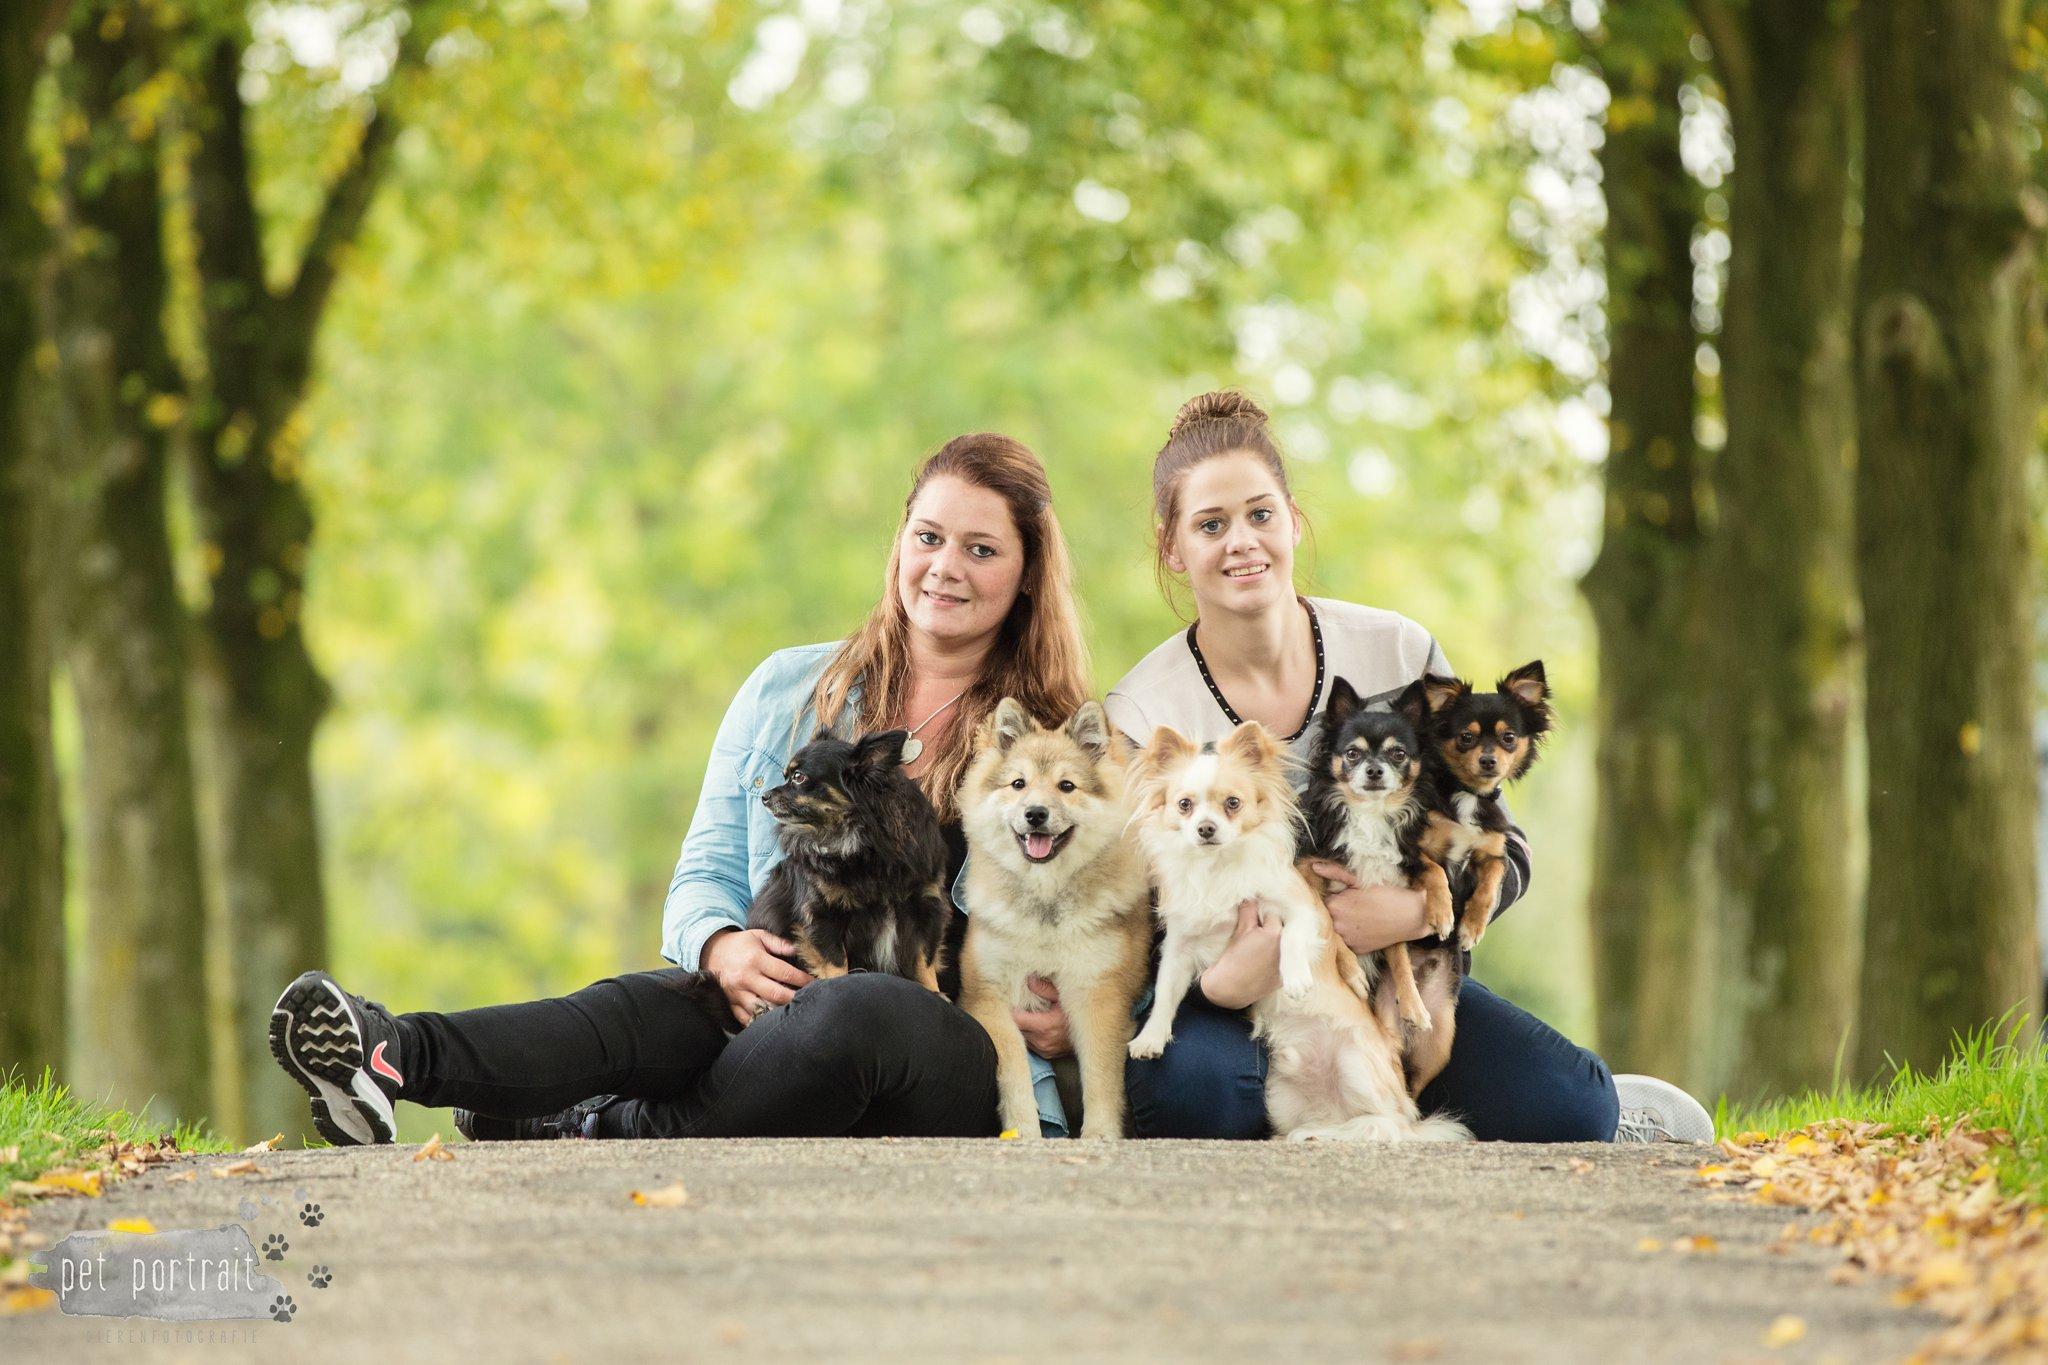 Hondenfotograaf Zoetermeer - Dier en Baasje fotoshoot in het park